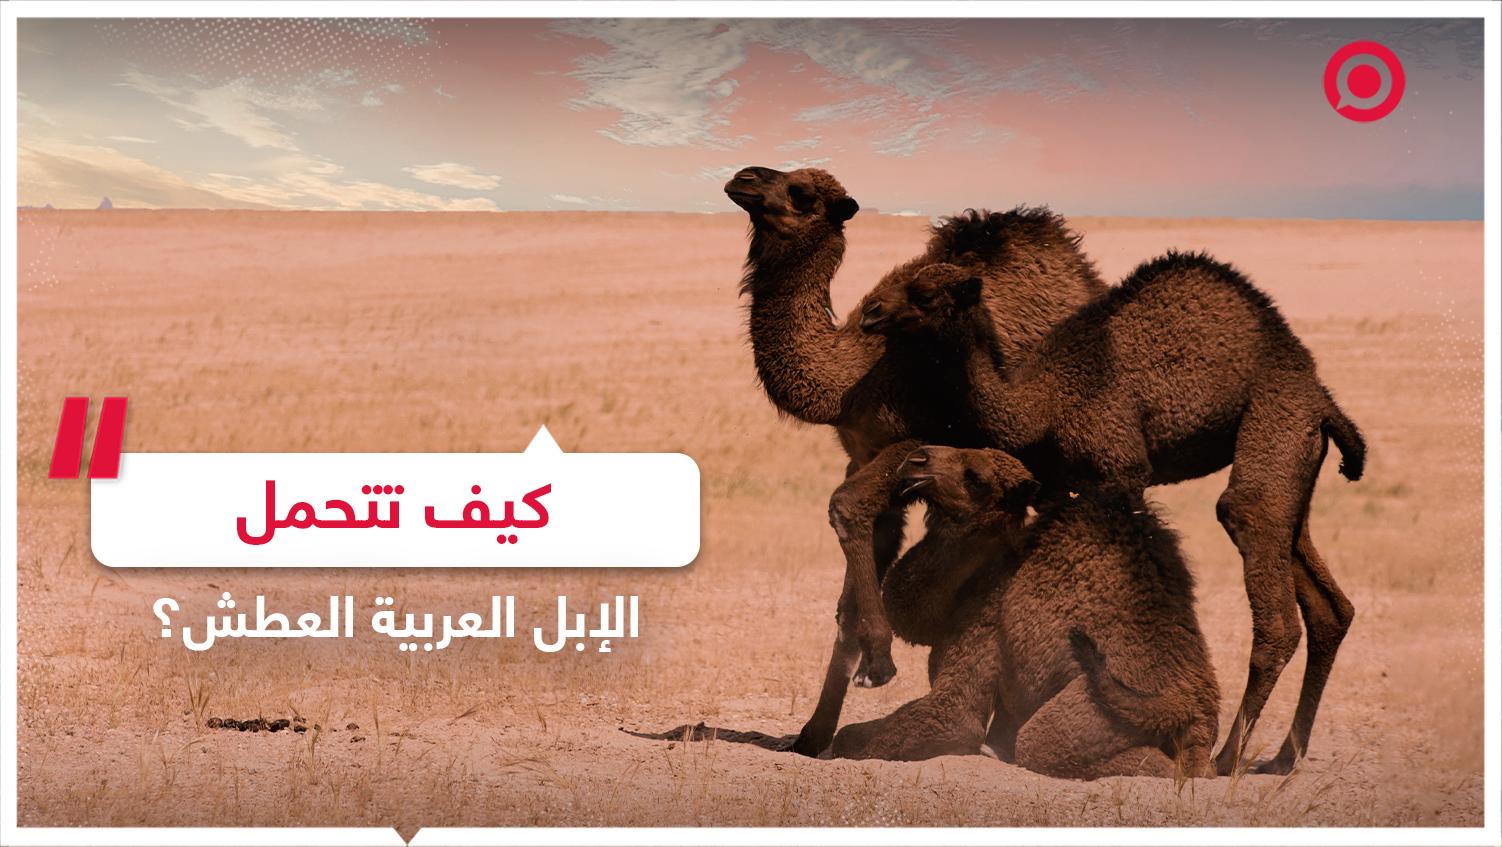 كيف يمكن للجمل العربي البقاء حيا في الصحراء دون مياه لأسابيع؟